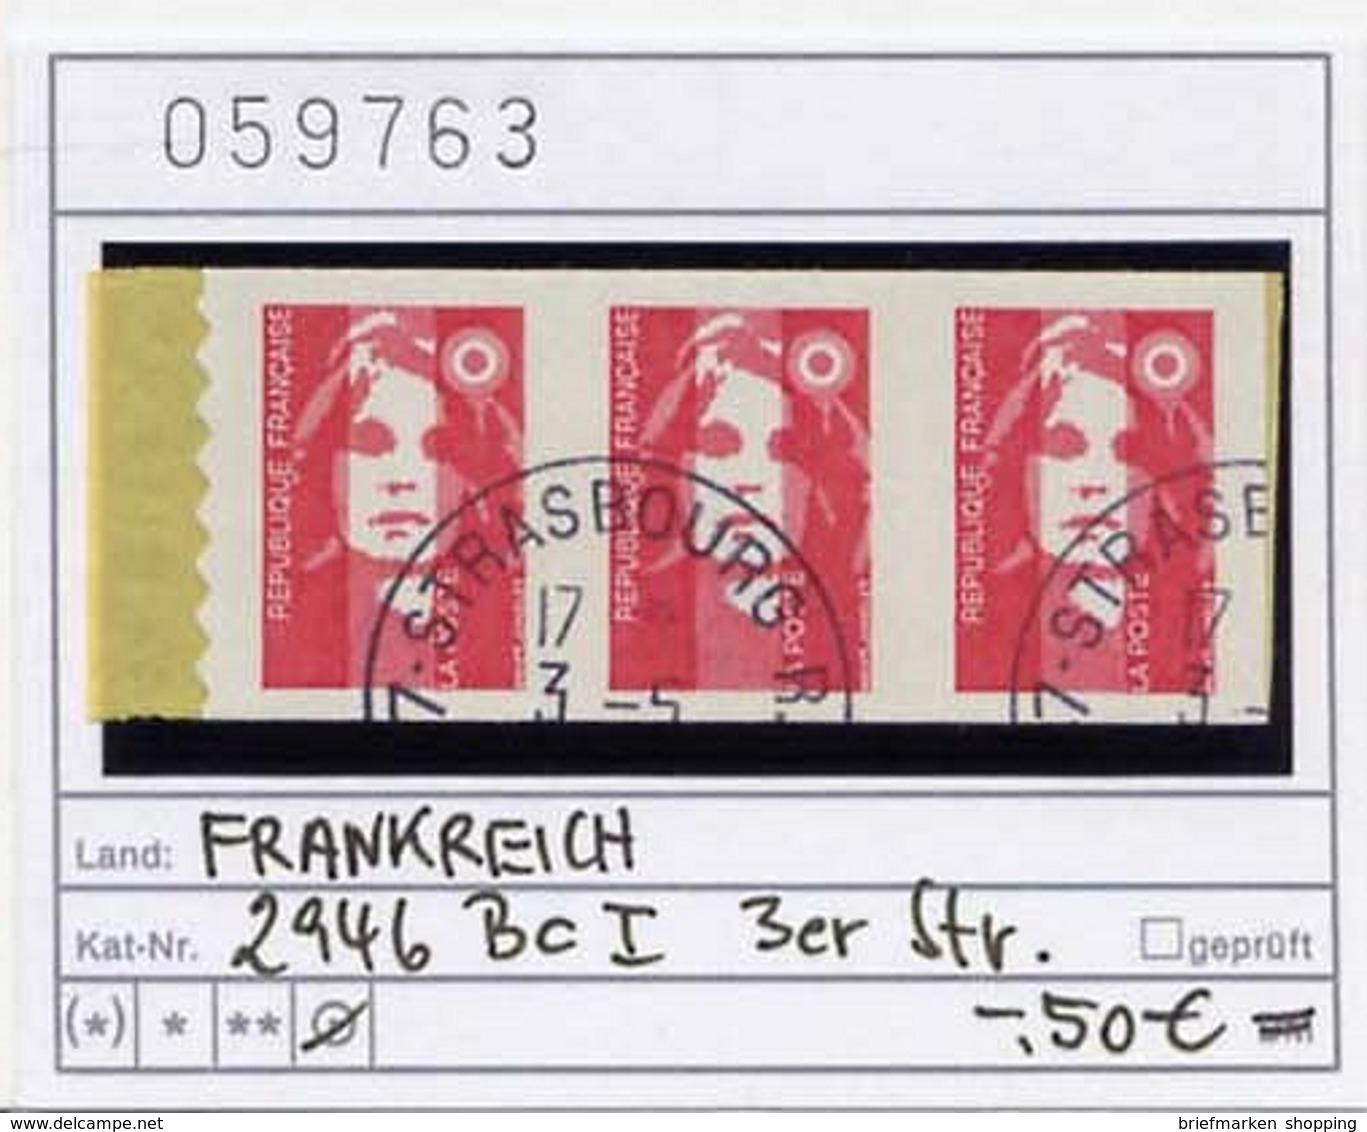 Frankreich - France - Francia - Michel 2946 Bc I (3er) - Oo Oblit. Used Gebruikt - Frankreich